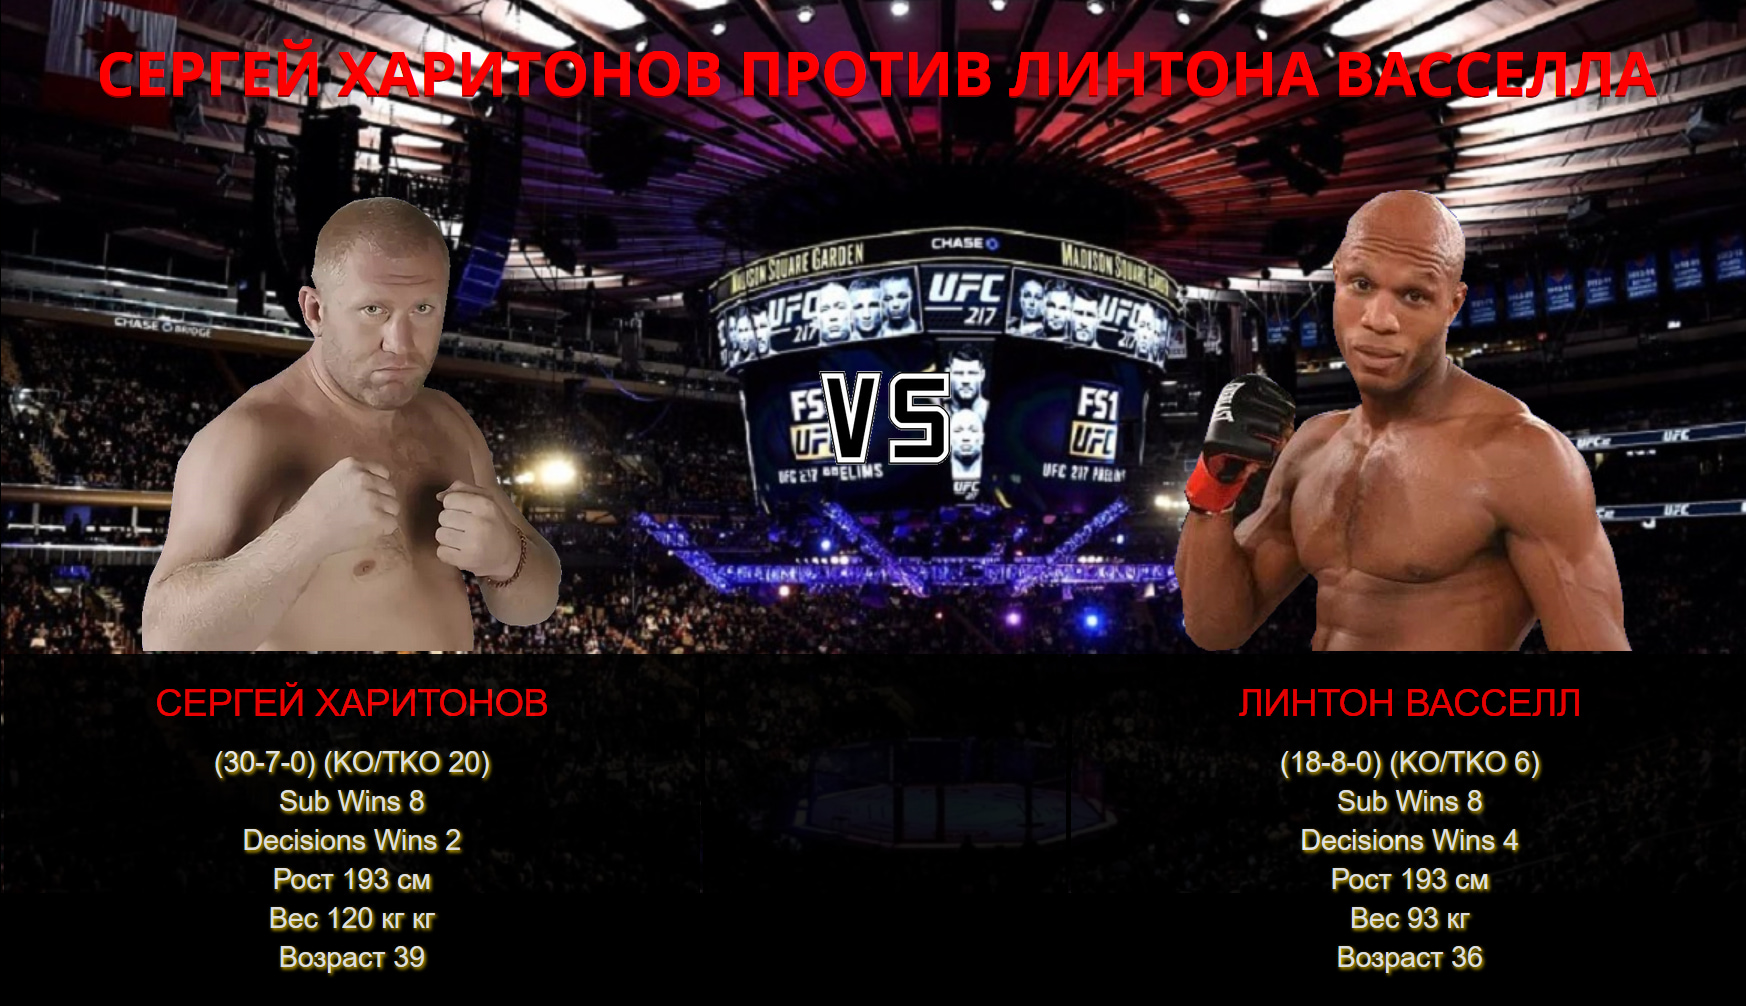 Видео боя Сергей Харитонов - Линтон Вэсселл